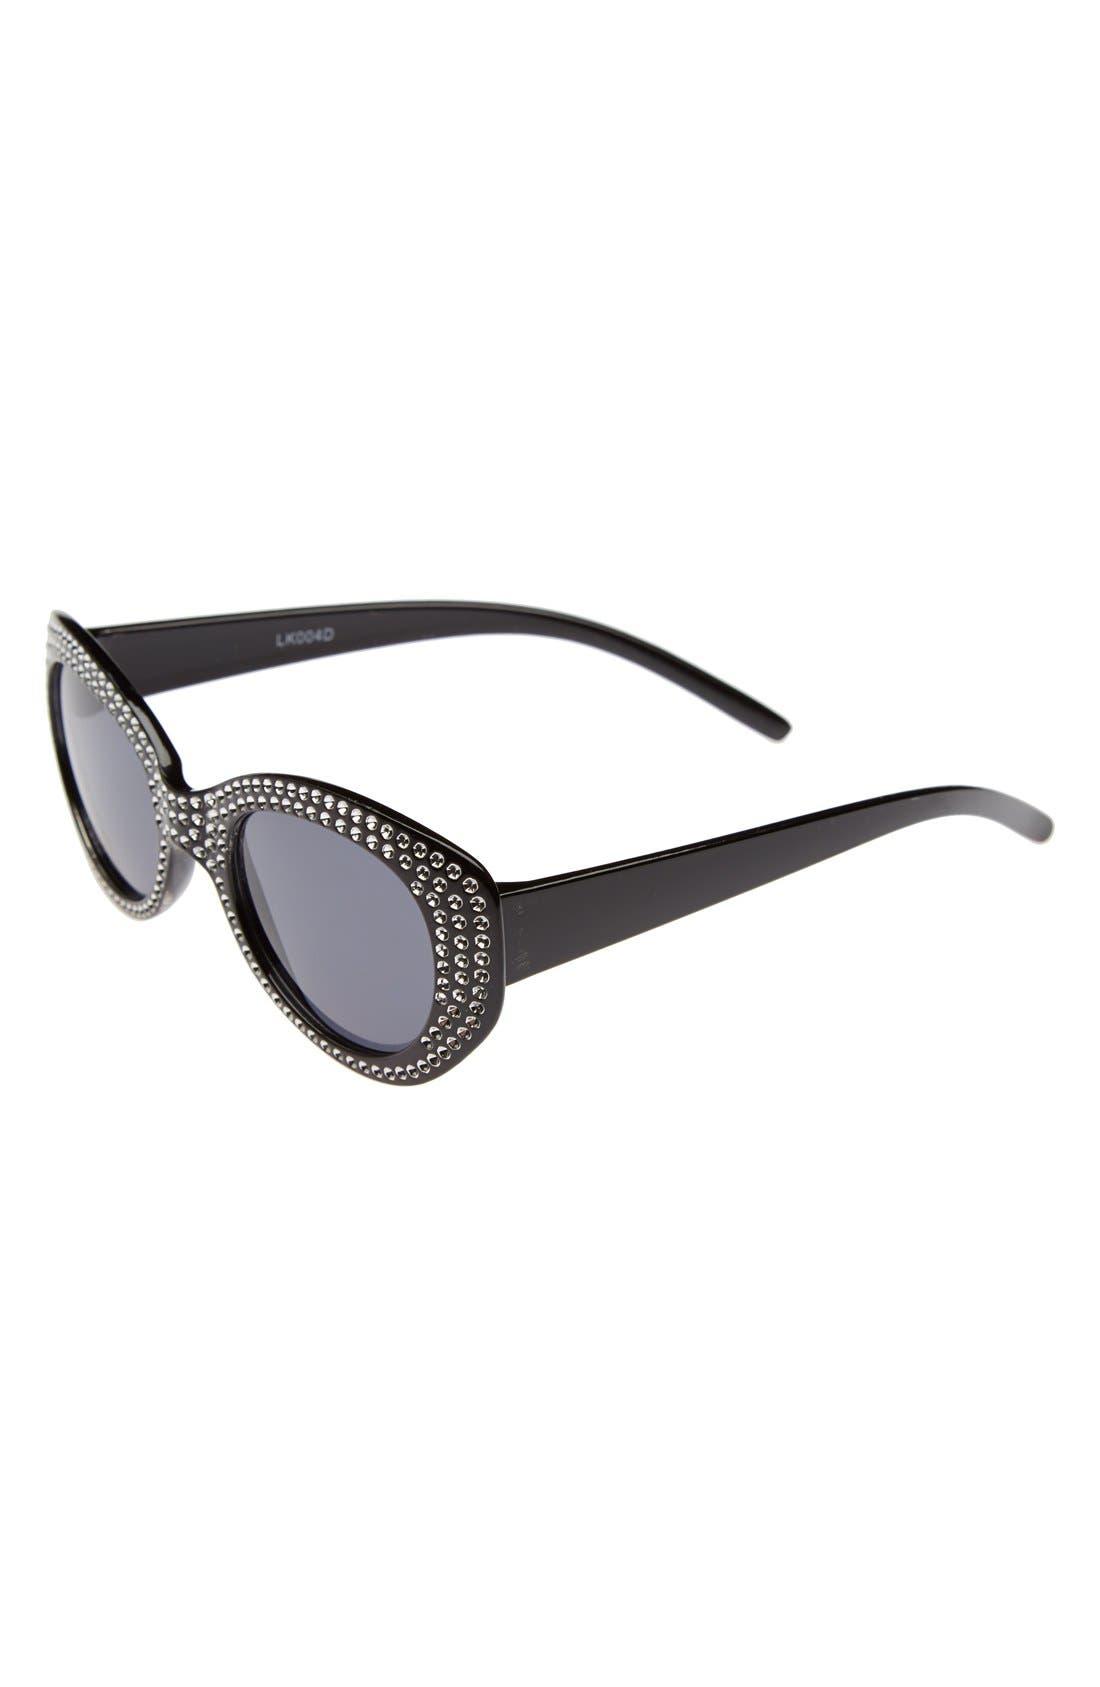 Main Image - Loose Leaf Eyewear Crystal Trim Sunglasses (Toddler Girls)